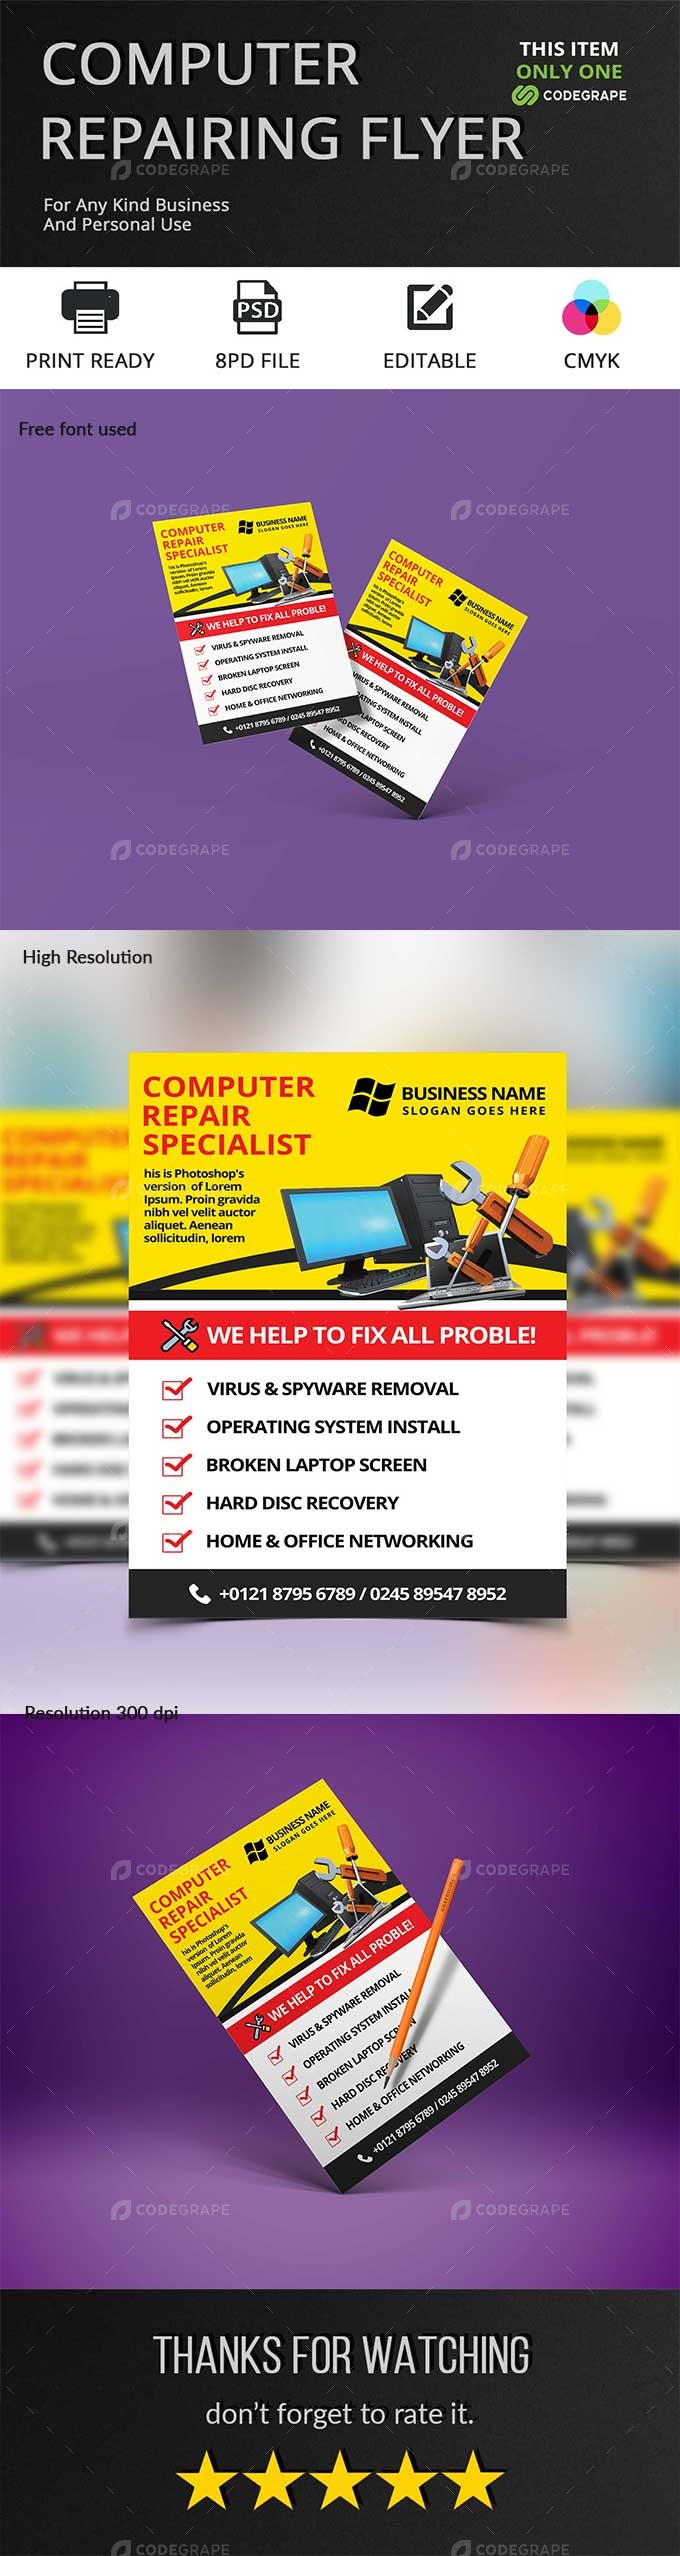 Computer Repairing Flyer